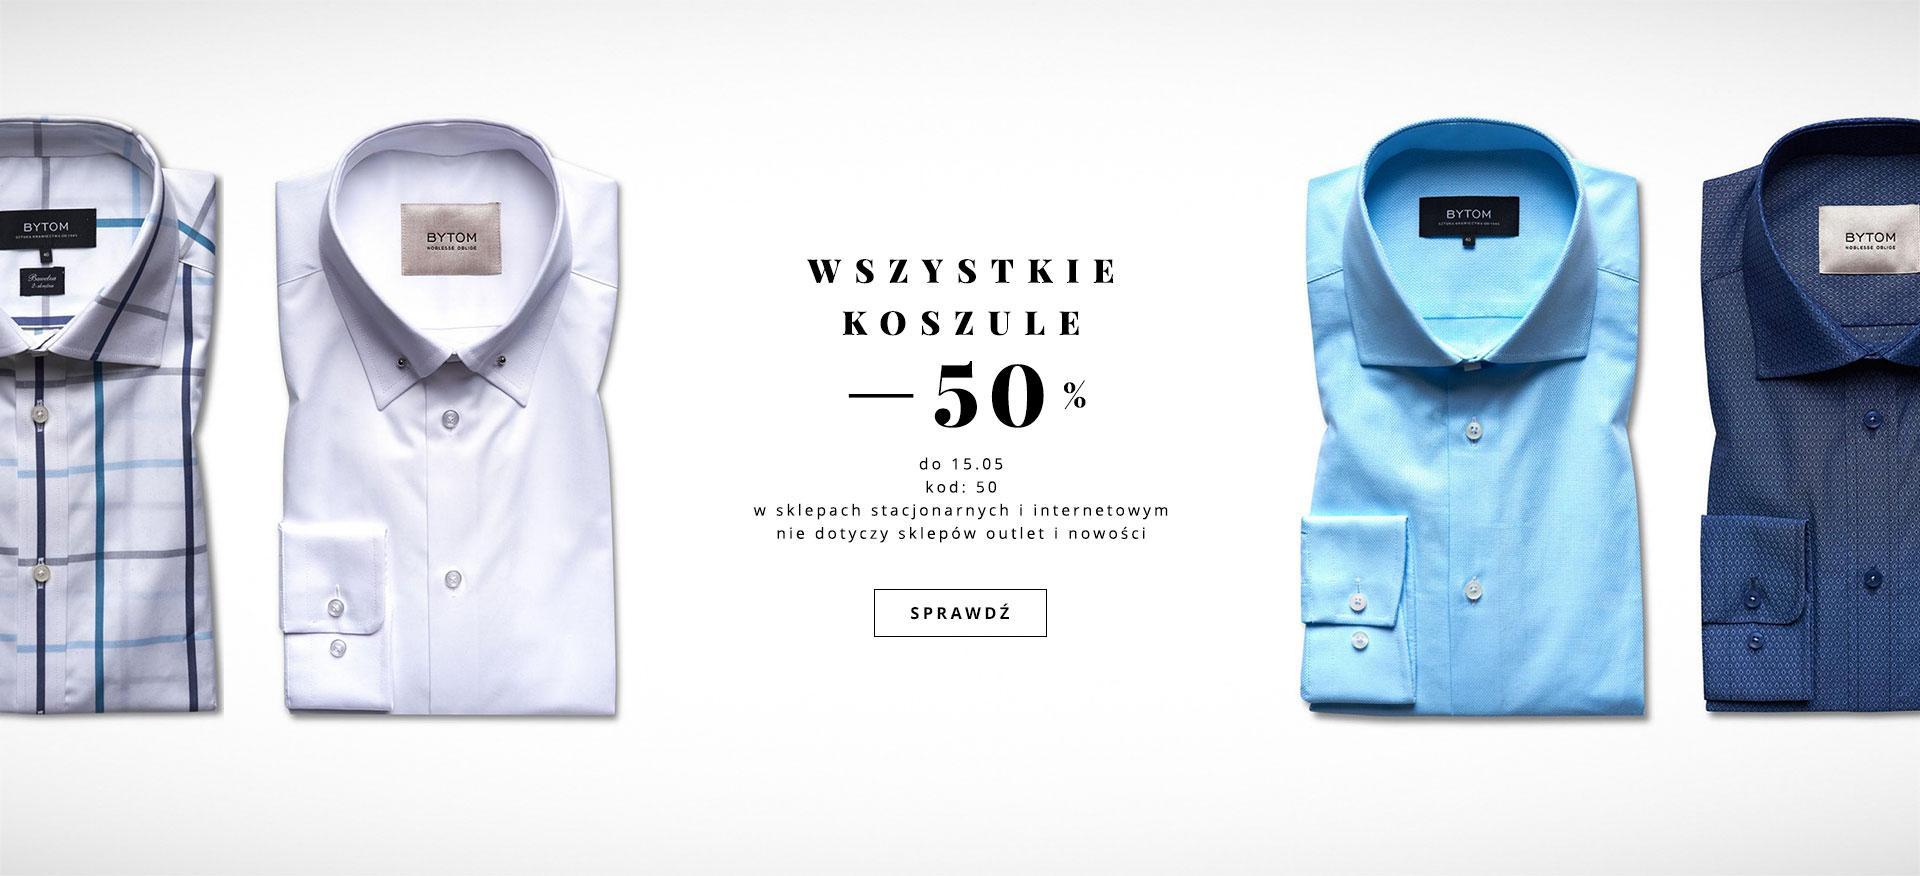 Bytom: 50% rabatu na wszystkie koszule